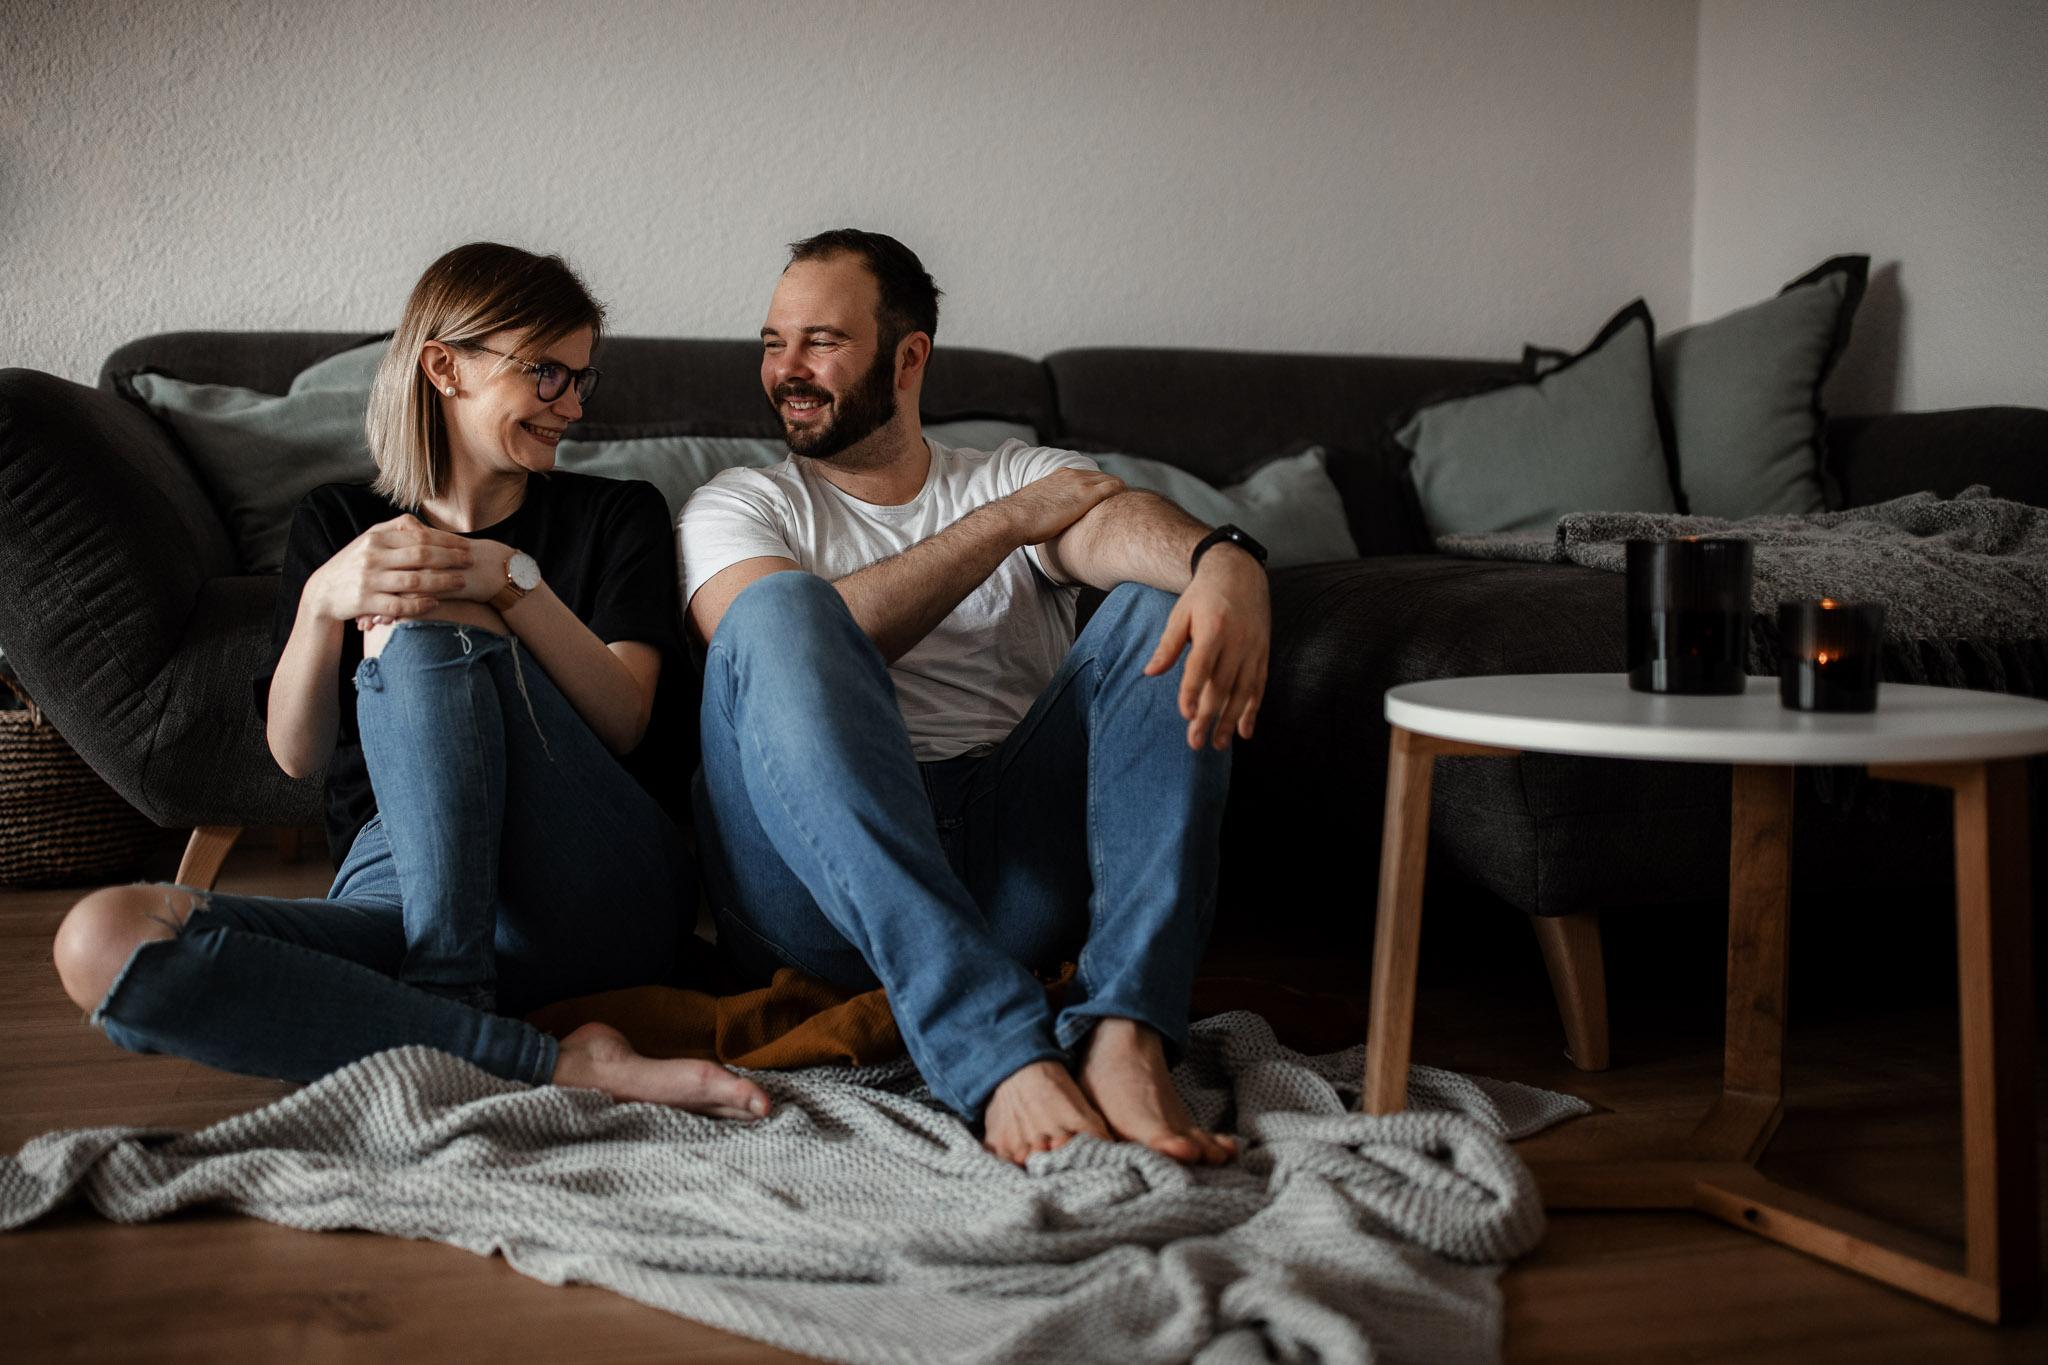 Paarfotos zu Hause - Homestory mit Sarah und Max in Worms 33